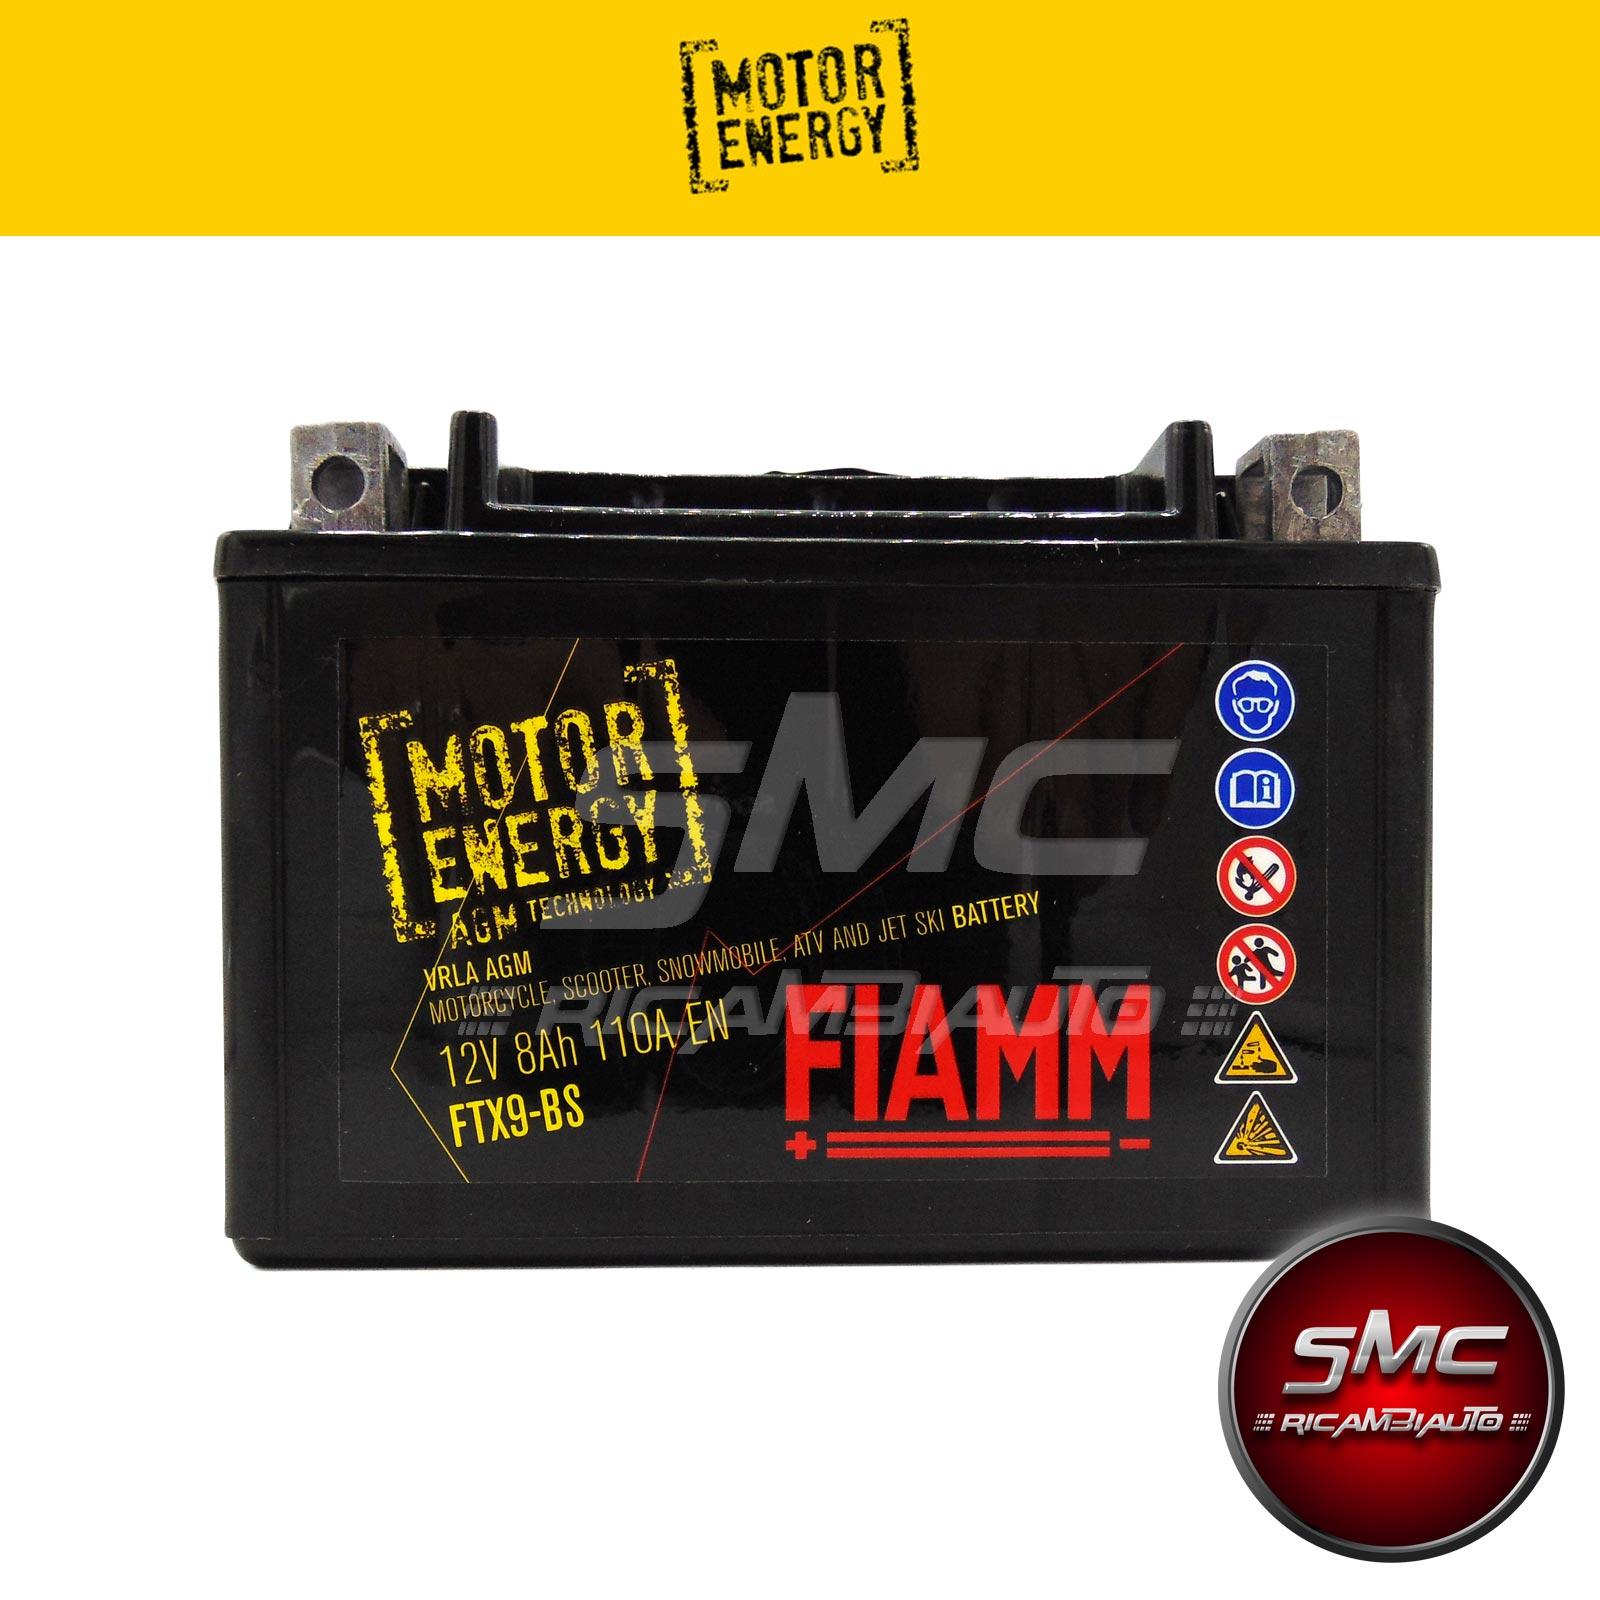 Batteria moto fiamm 7904483 ftx9 bs 8ah ricambi auto smc for Smc ricambi auto